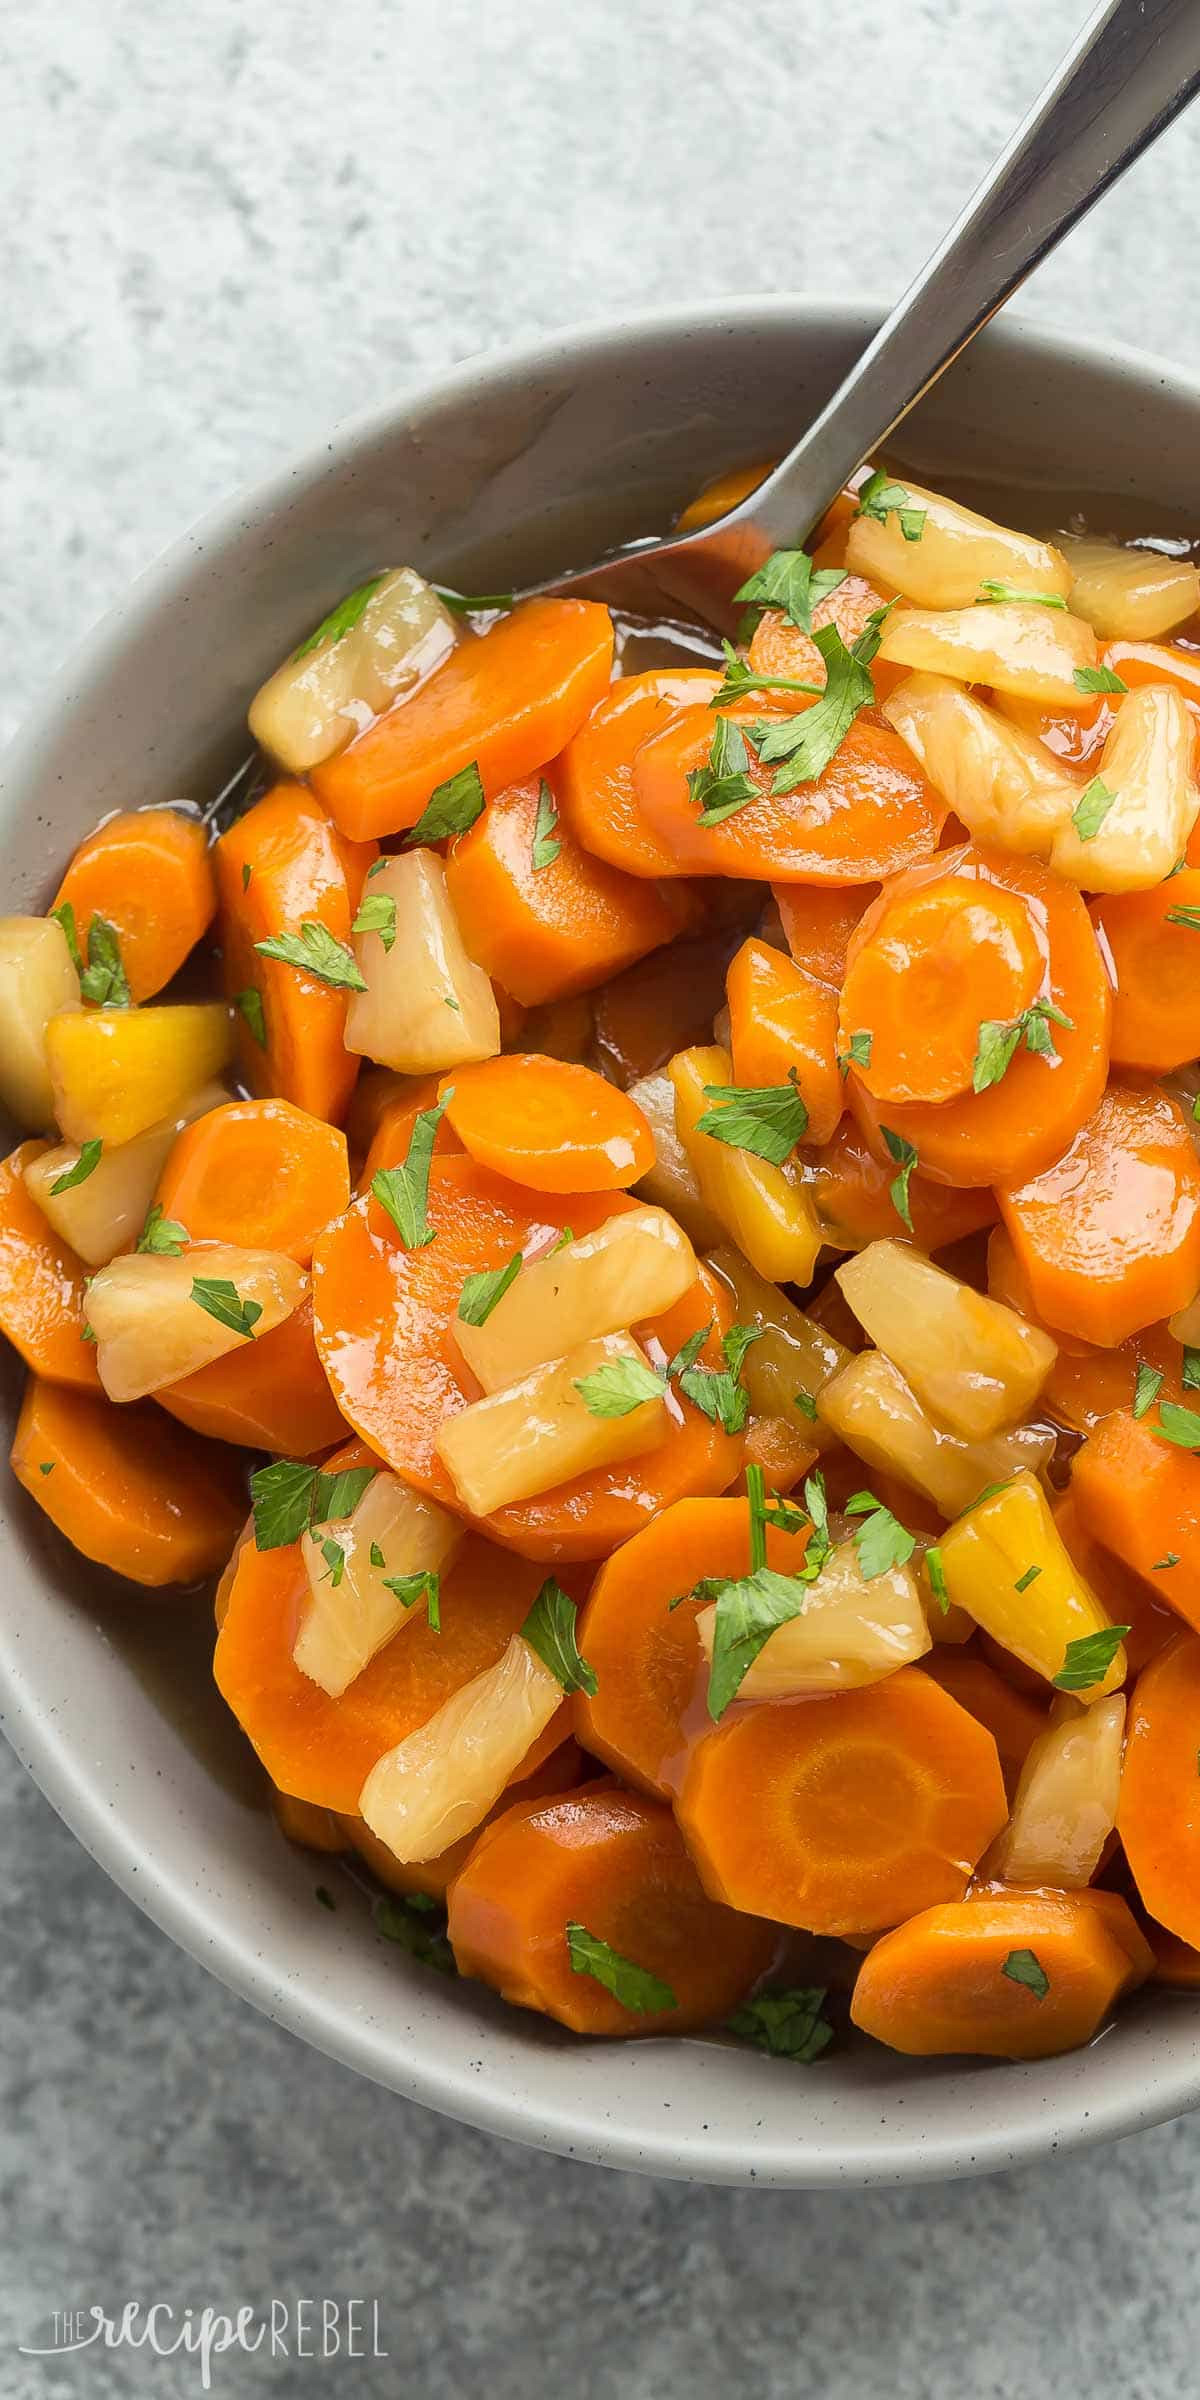 Christmas Dinner Ham Side Dishes  Slow Cooker Pineapple Glazed Carrots Recipe